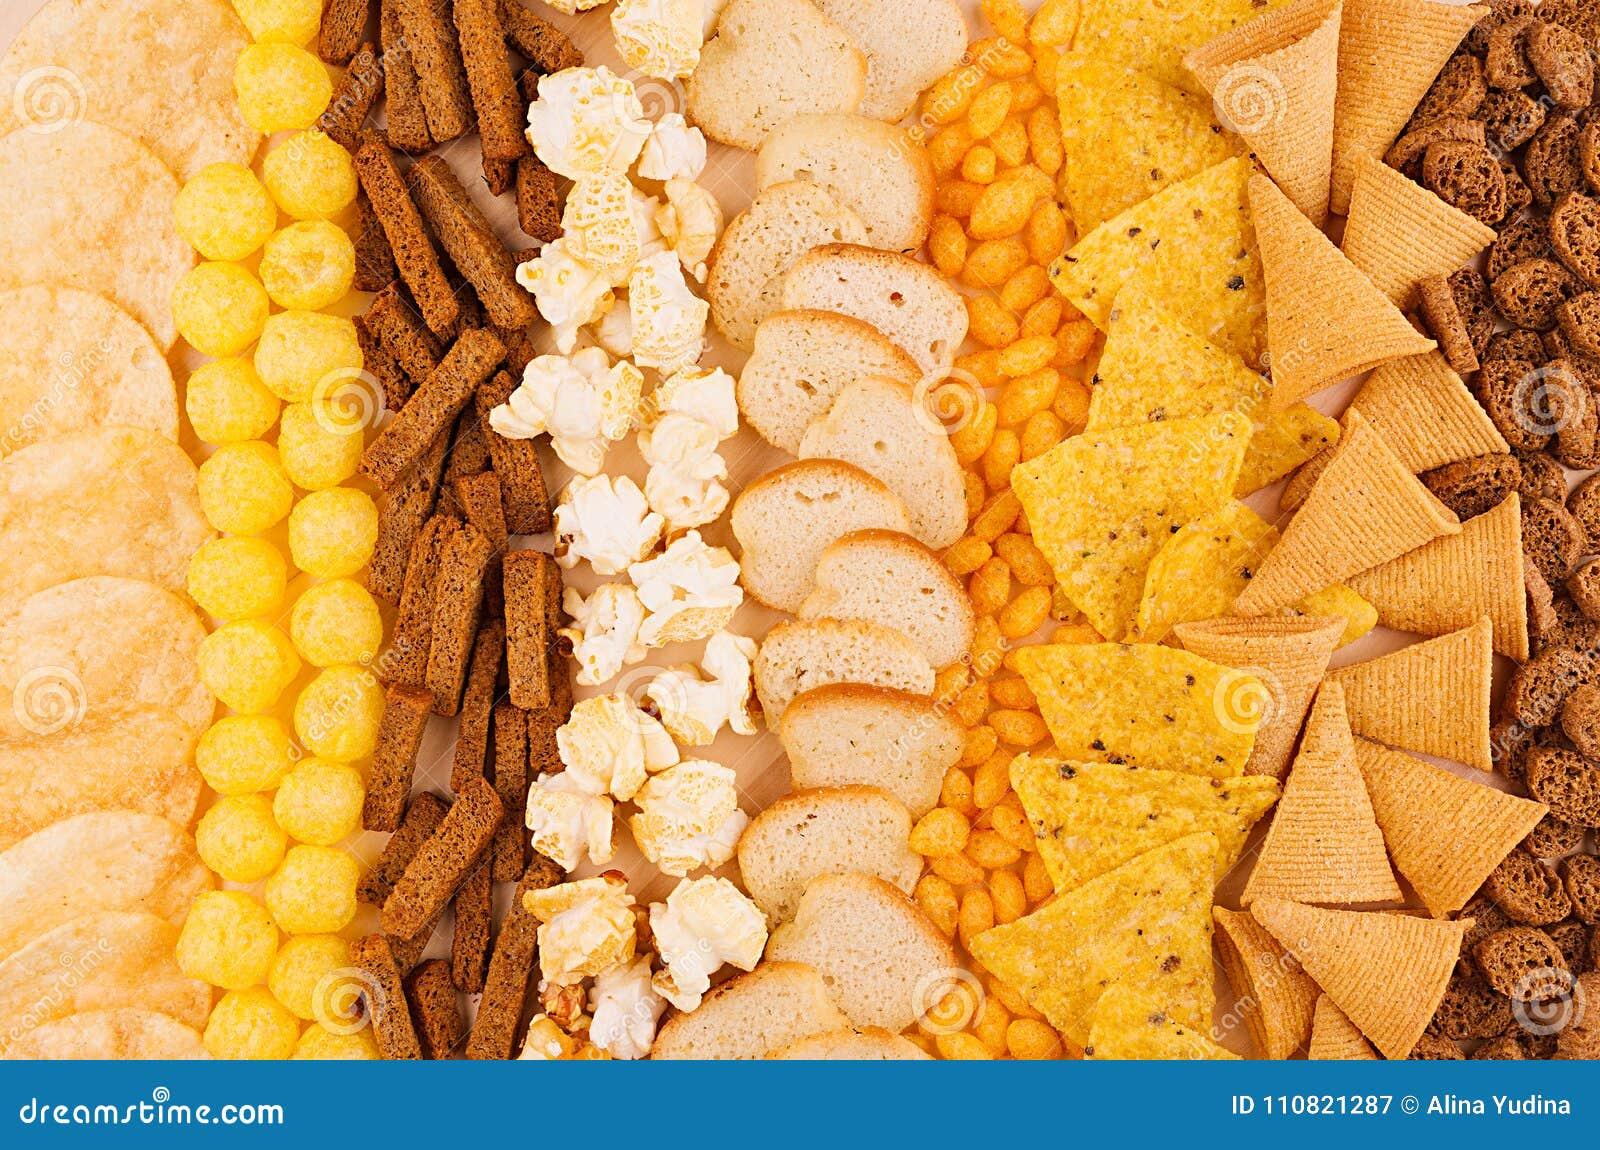 分类嘎吱咬嚼的快餐-玉米花,烤干酪辣味玉米片,油煎方型小面包片,玉米黏附,土豆片作为装饰背景,顶视图,特写镜头